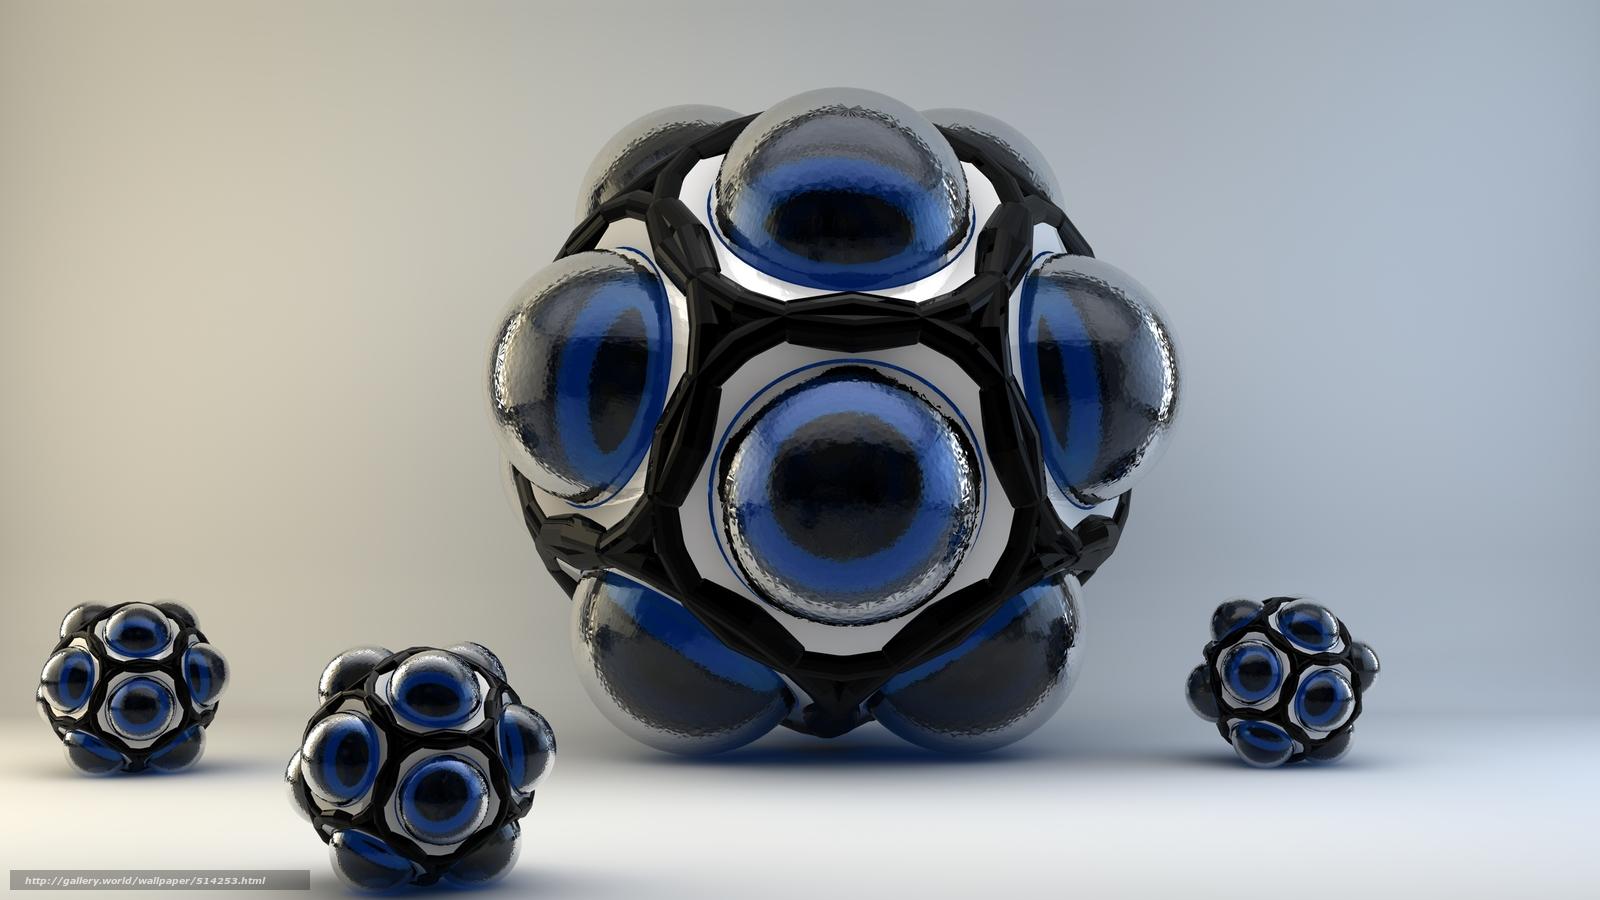 Descargar gratis fractales primas,  3d,  arte Fondos de escritorio en la resolucin 2500x1406 — imagen №514253